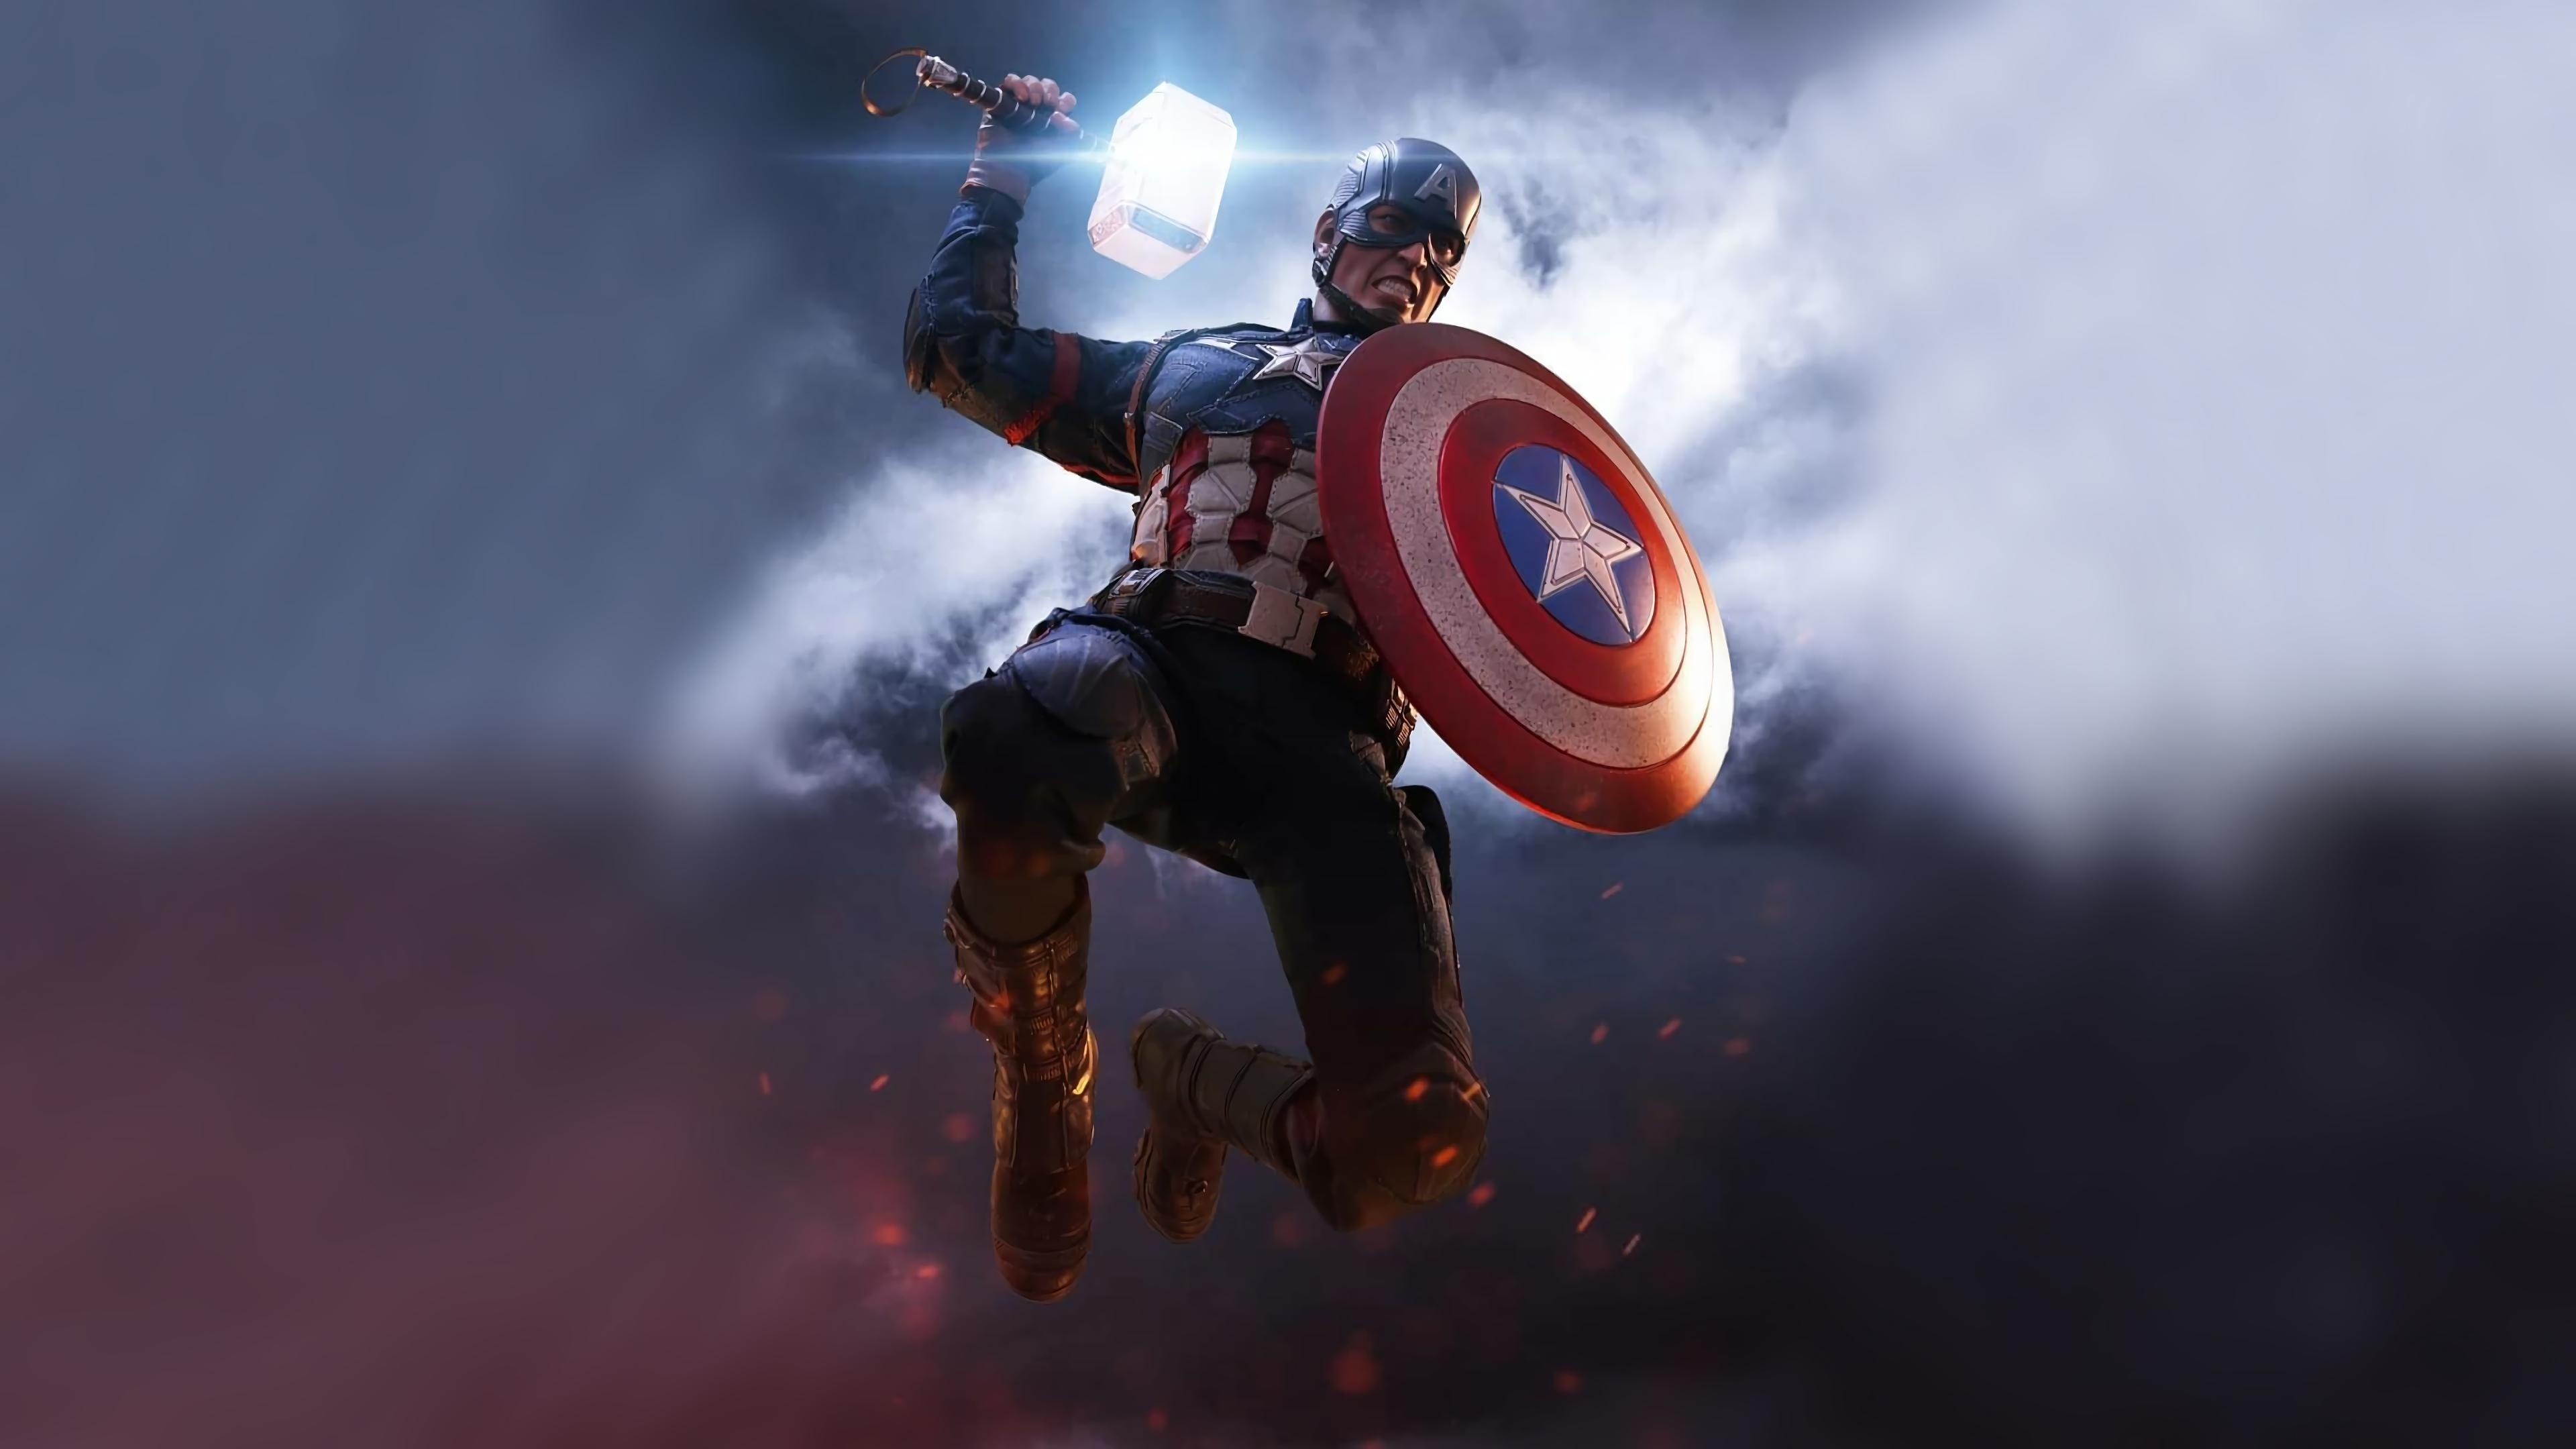 captain america mjolnir artwork 1568053956 - Captain America Mjolnir Artwork - superheroes wallpapers, hd-wallpapers, captain america wallpapers, artwork wallpapers, 4k-wallpapers